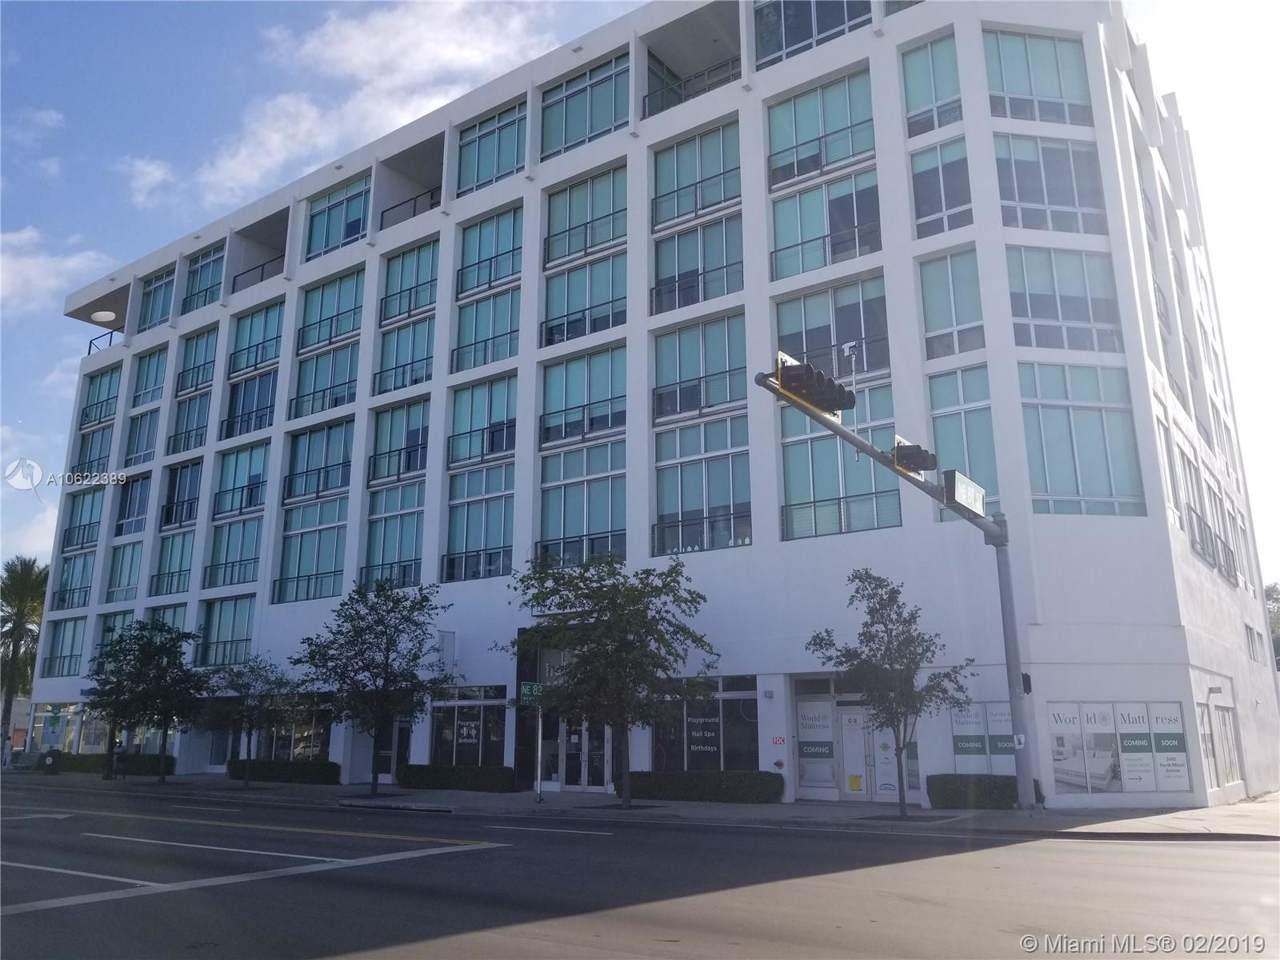 8101 Biscayne Blvd - Photo 1